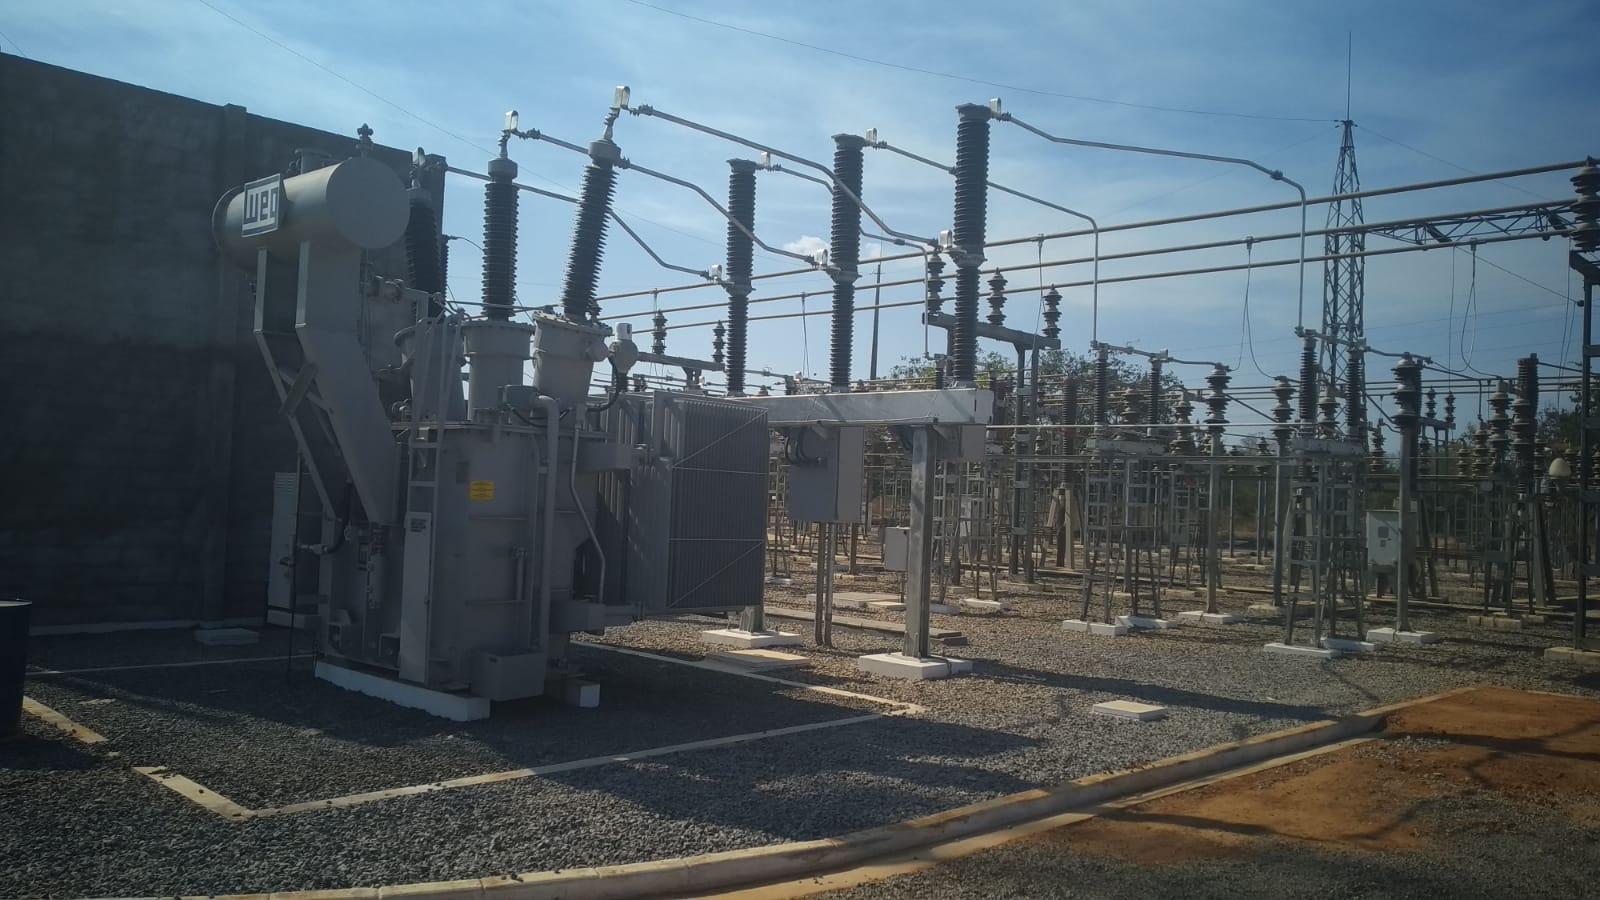 Subestação de Itacarambi 02 recebe investimentos de R$ 4,3 milhões